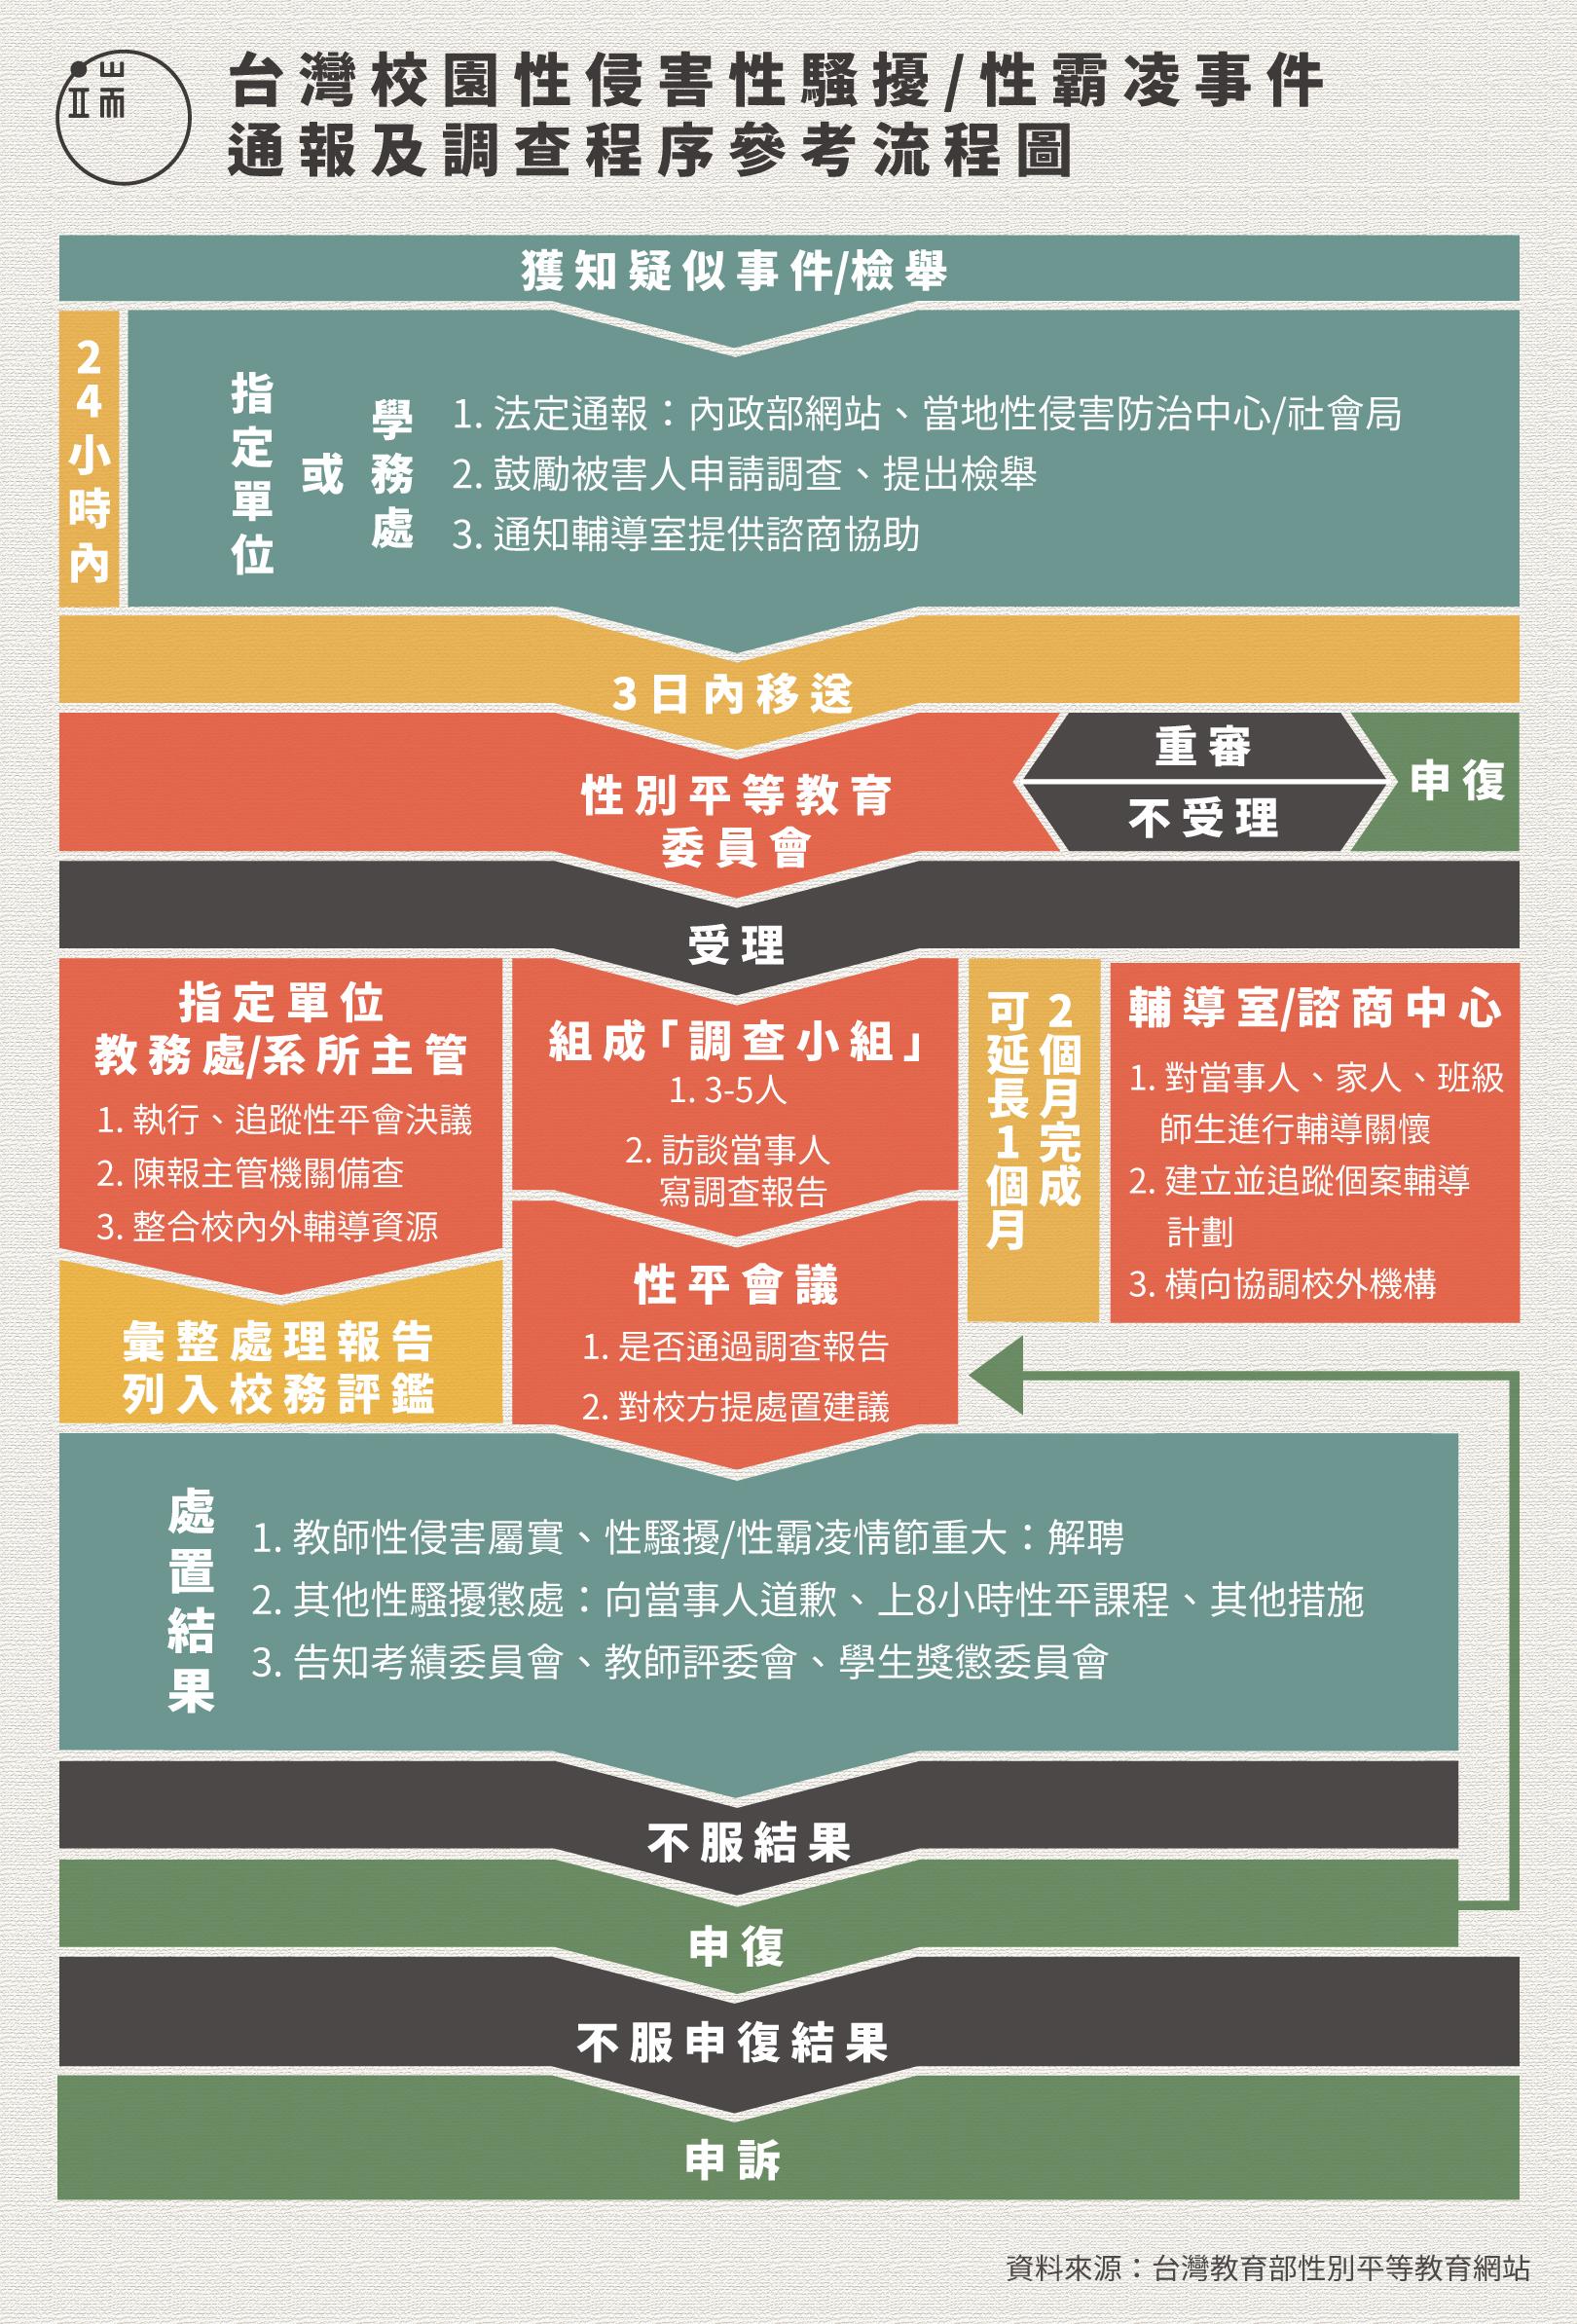 台灣校園性侵害、性騷擾、性霸凌事件通報及調查程序參考流程圖。圖:端傳媒設計部